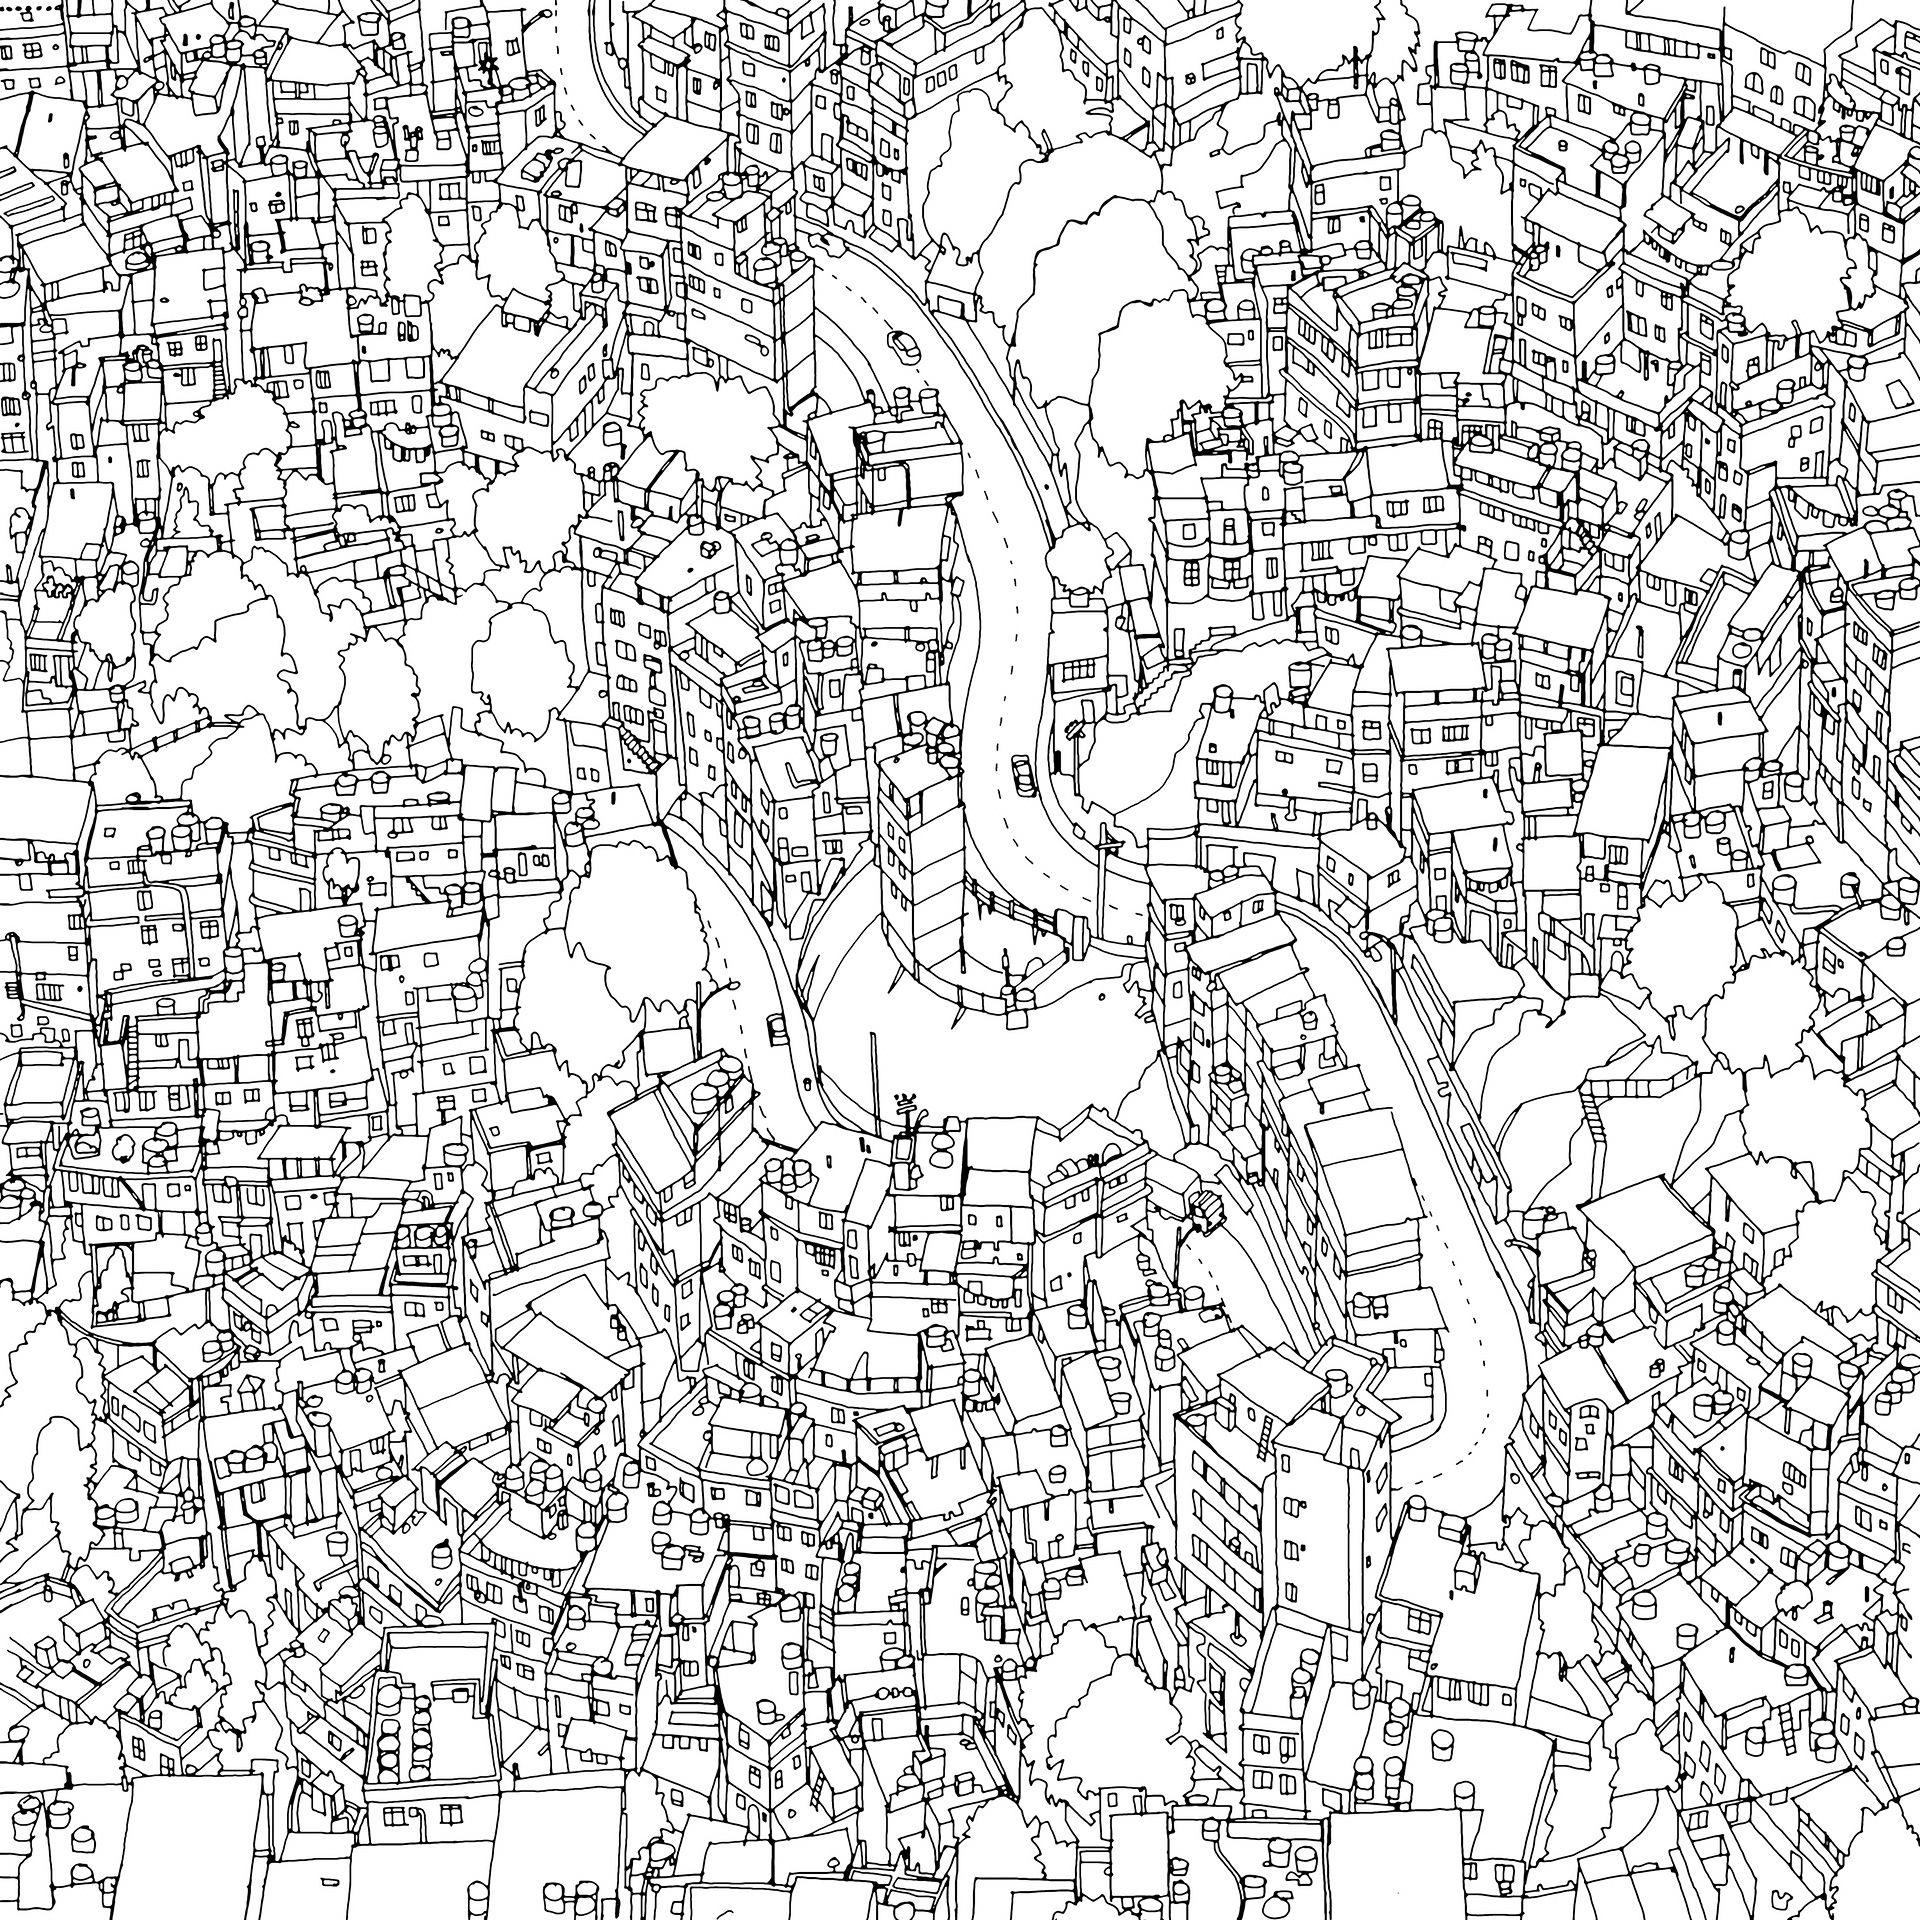 rocinha favela rio de janeiro 'fantastic cities